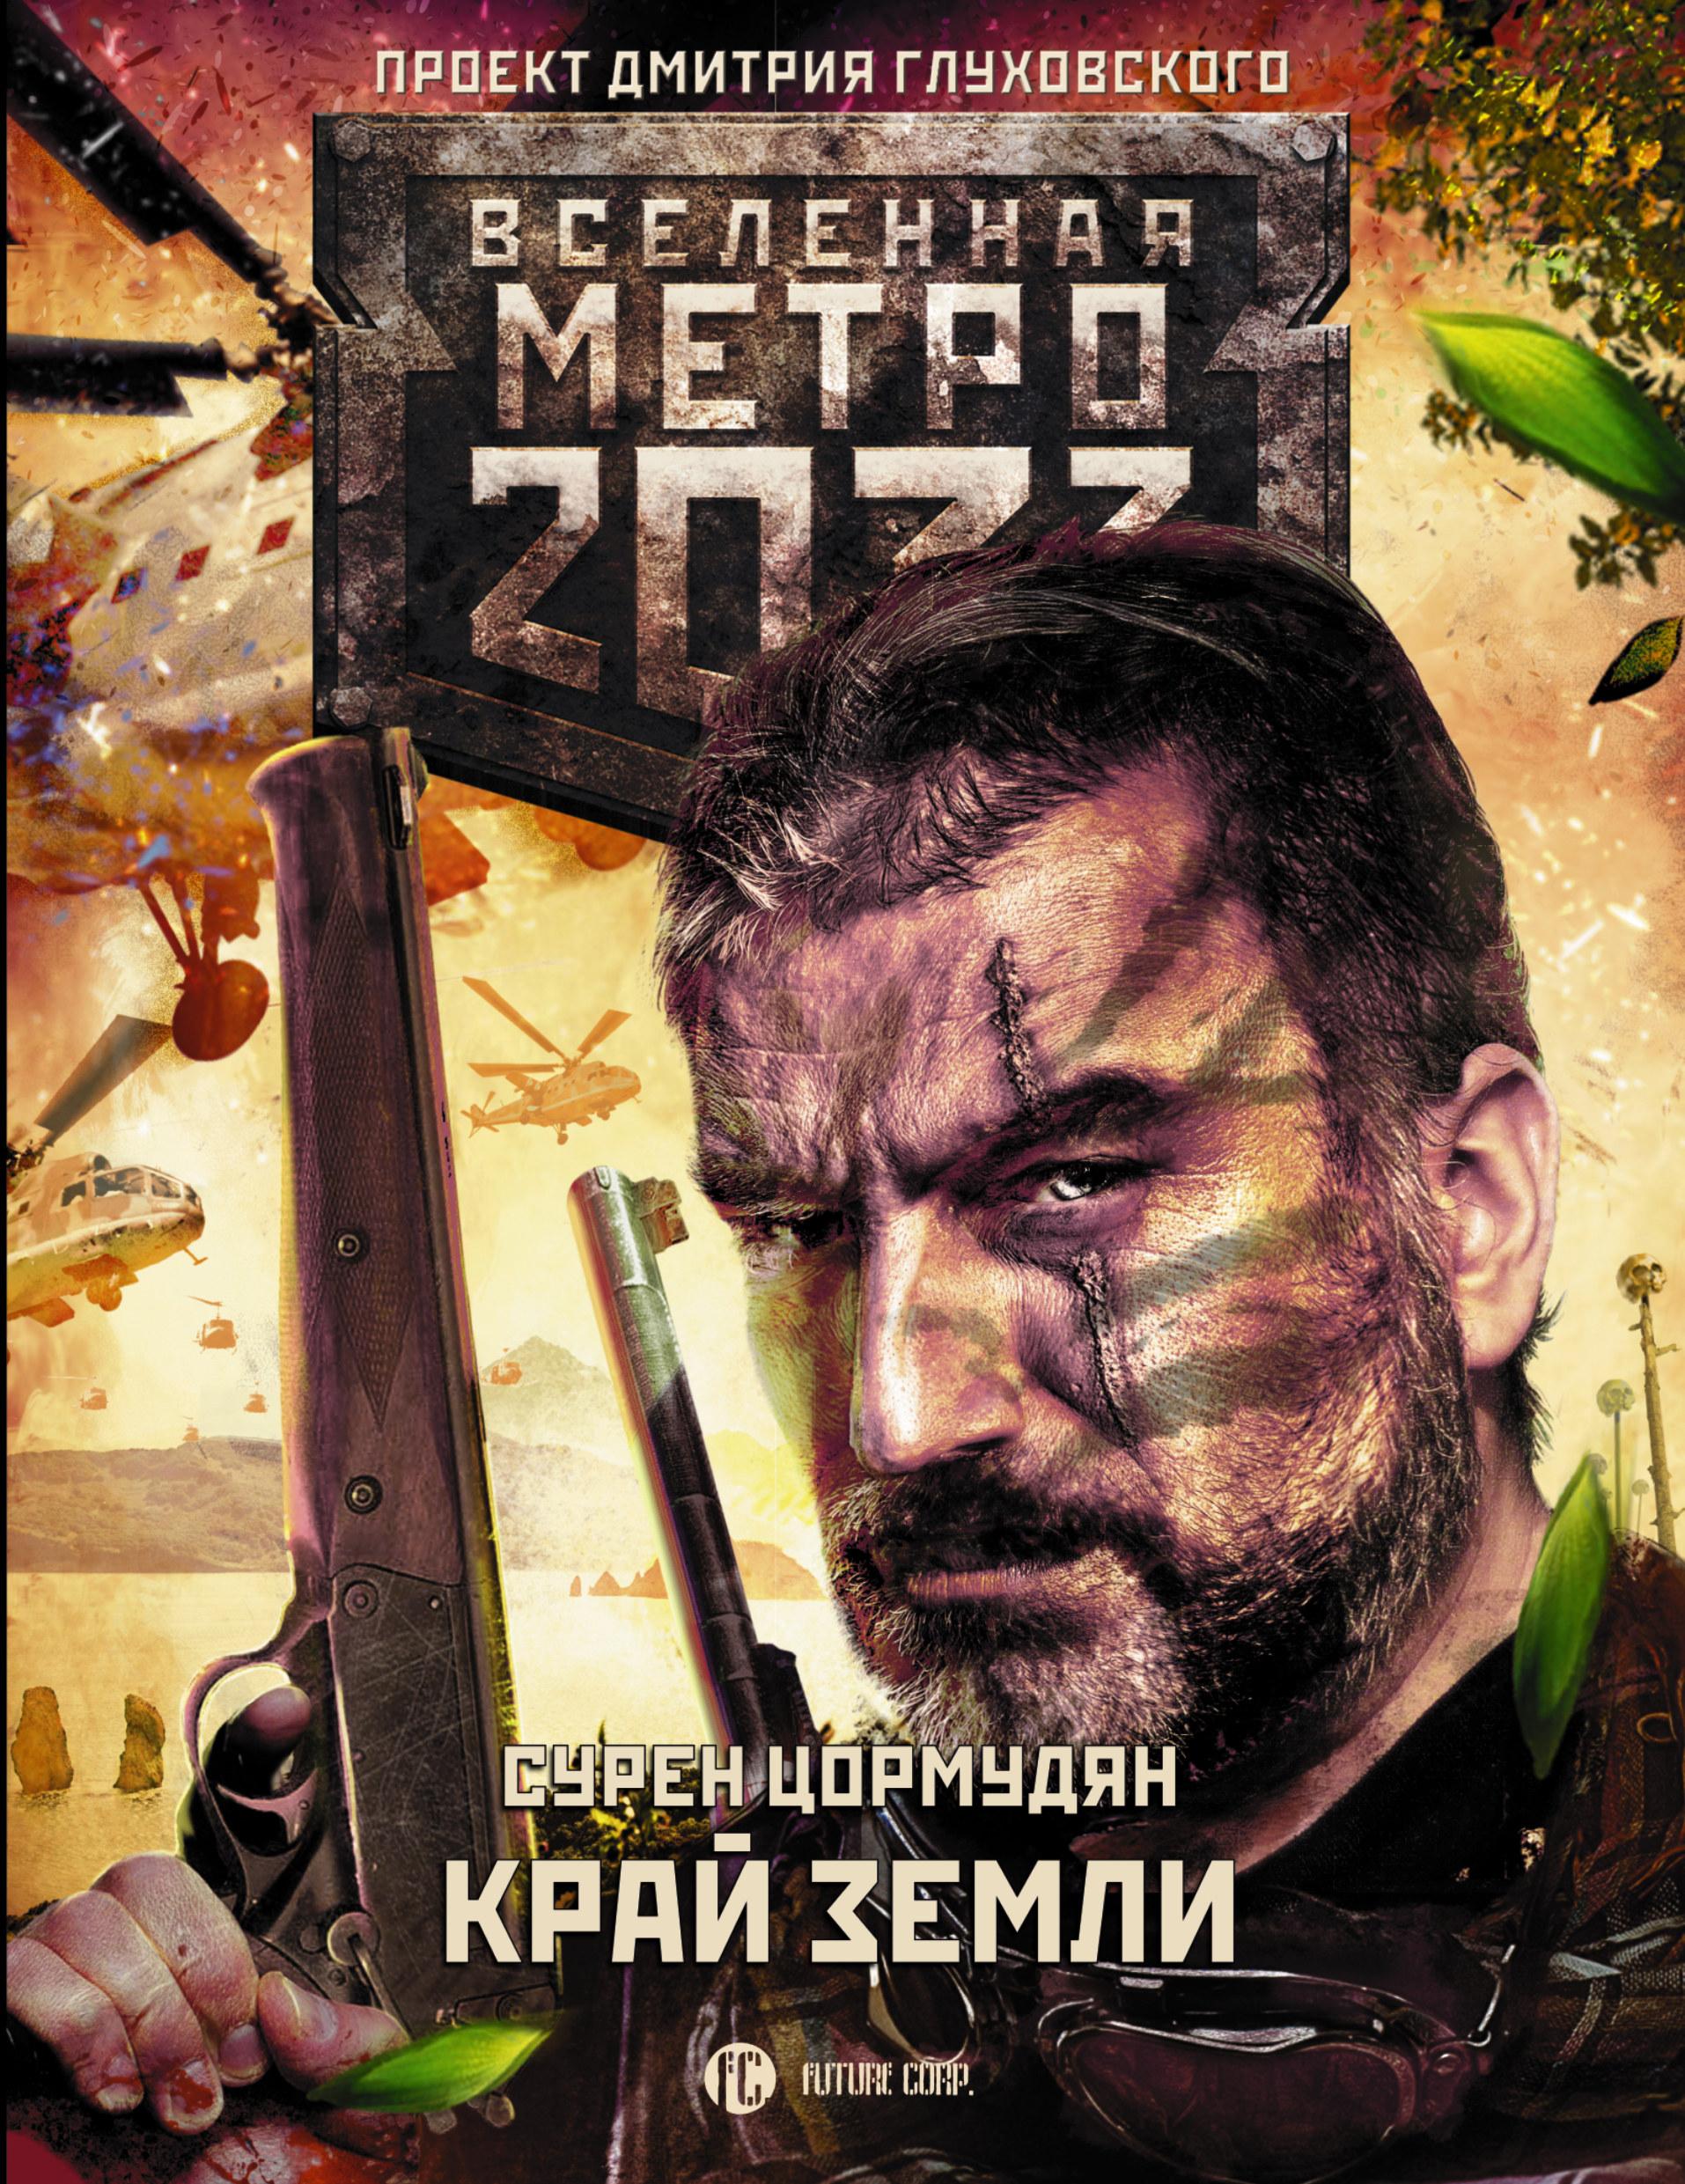 Цормудян С.С. Метро 2033: Край земли. Затерянный рай харитонов ю в метро 2033 на краю пропасти